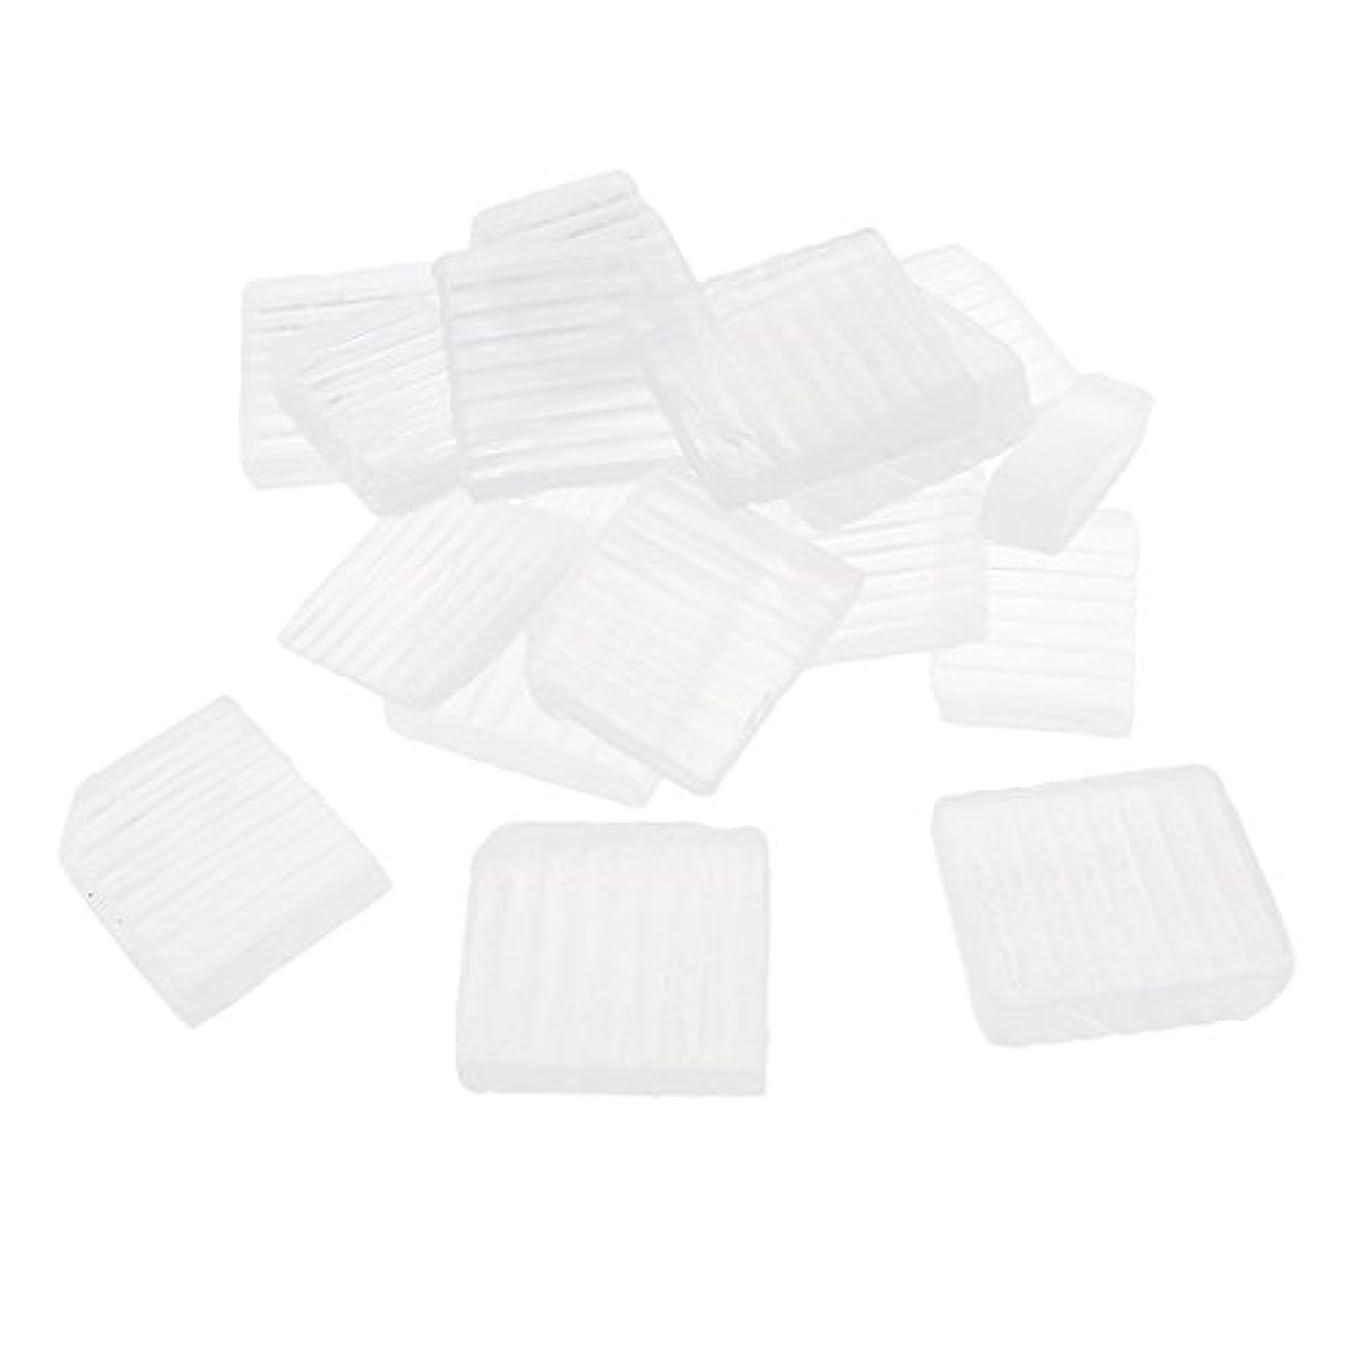 病的小道タオルP Prettyia 透明 石鹸ベース DIY 手作り 石鹸 材料 約1 KG DIYギフト